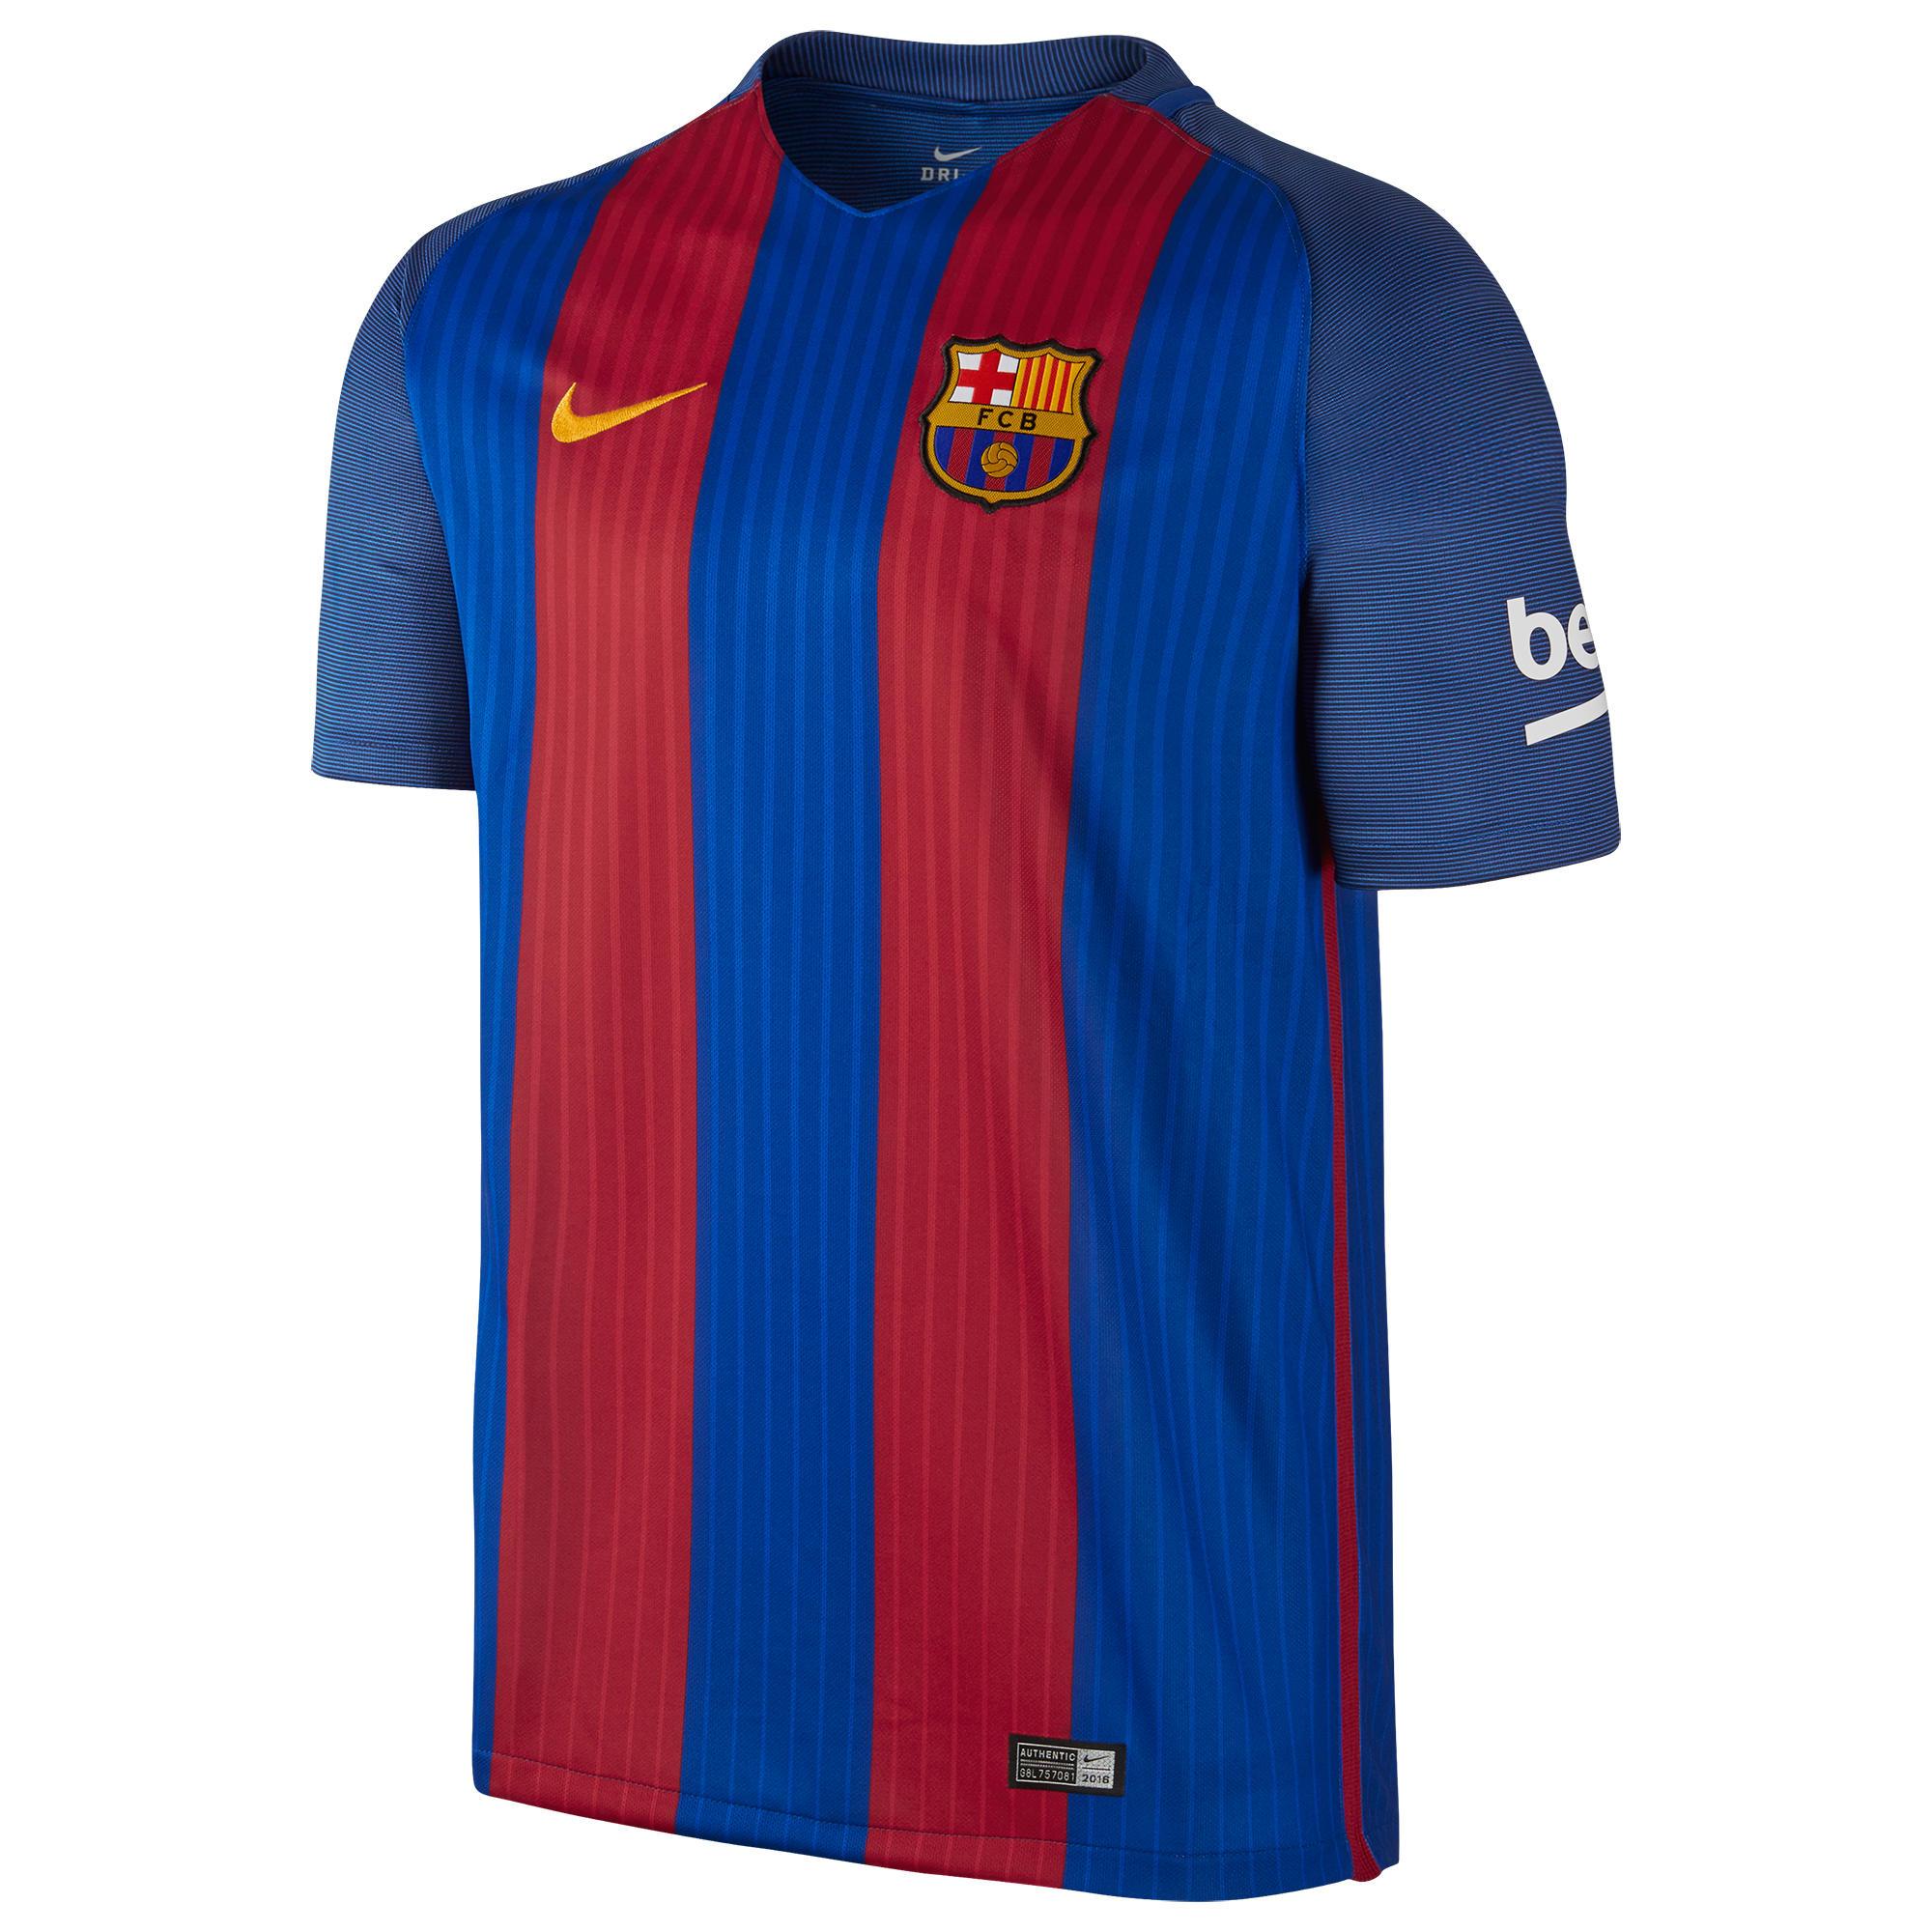 Nike Voetbalshirt Barcelona thuisshirt voor volwassenen blauw/rood